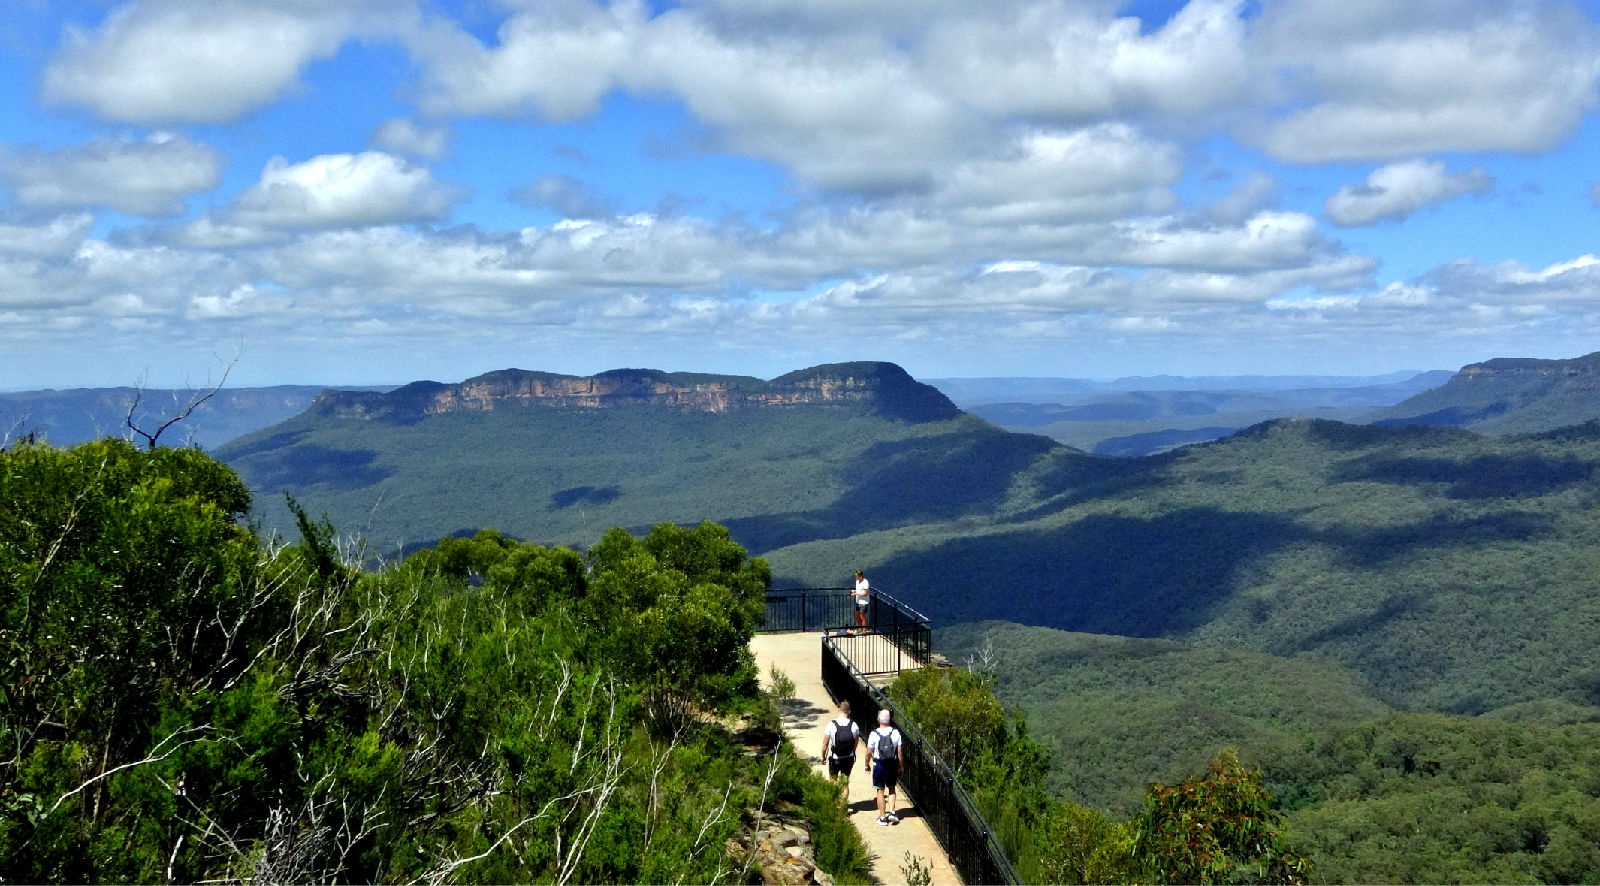 澳大利亚旅游攻略图片405